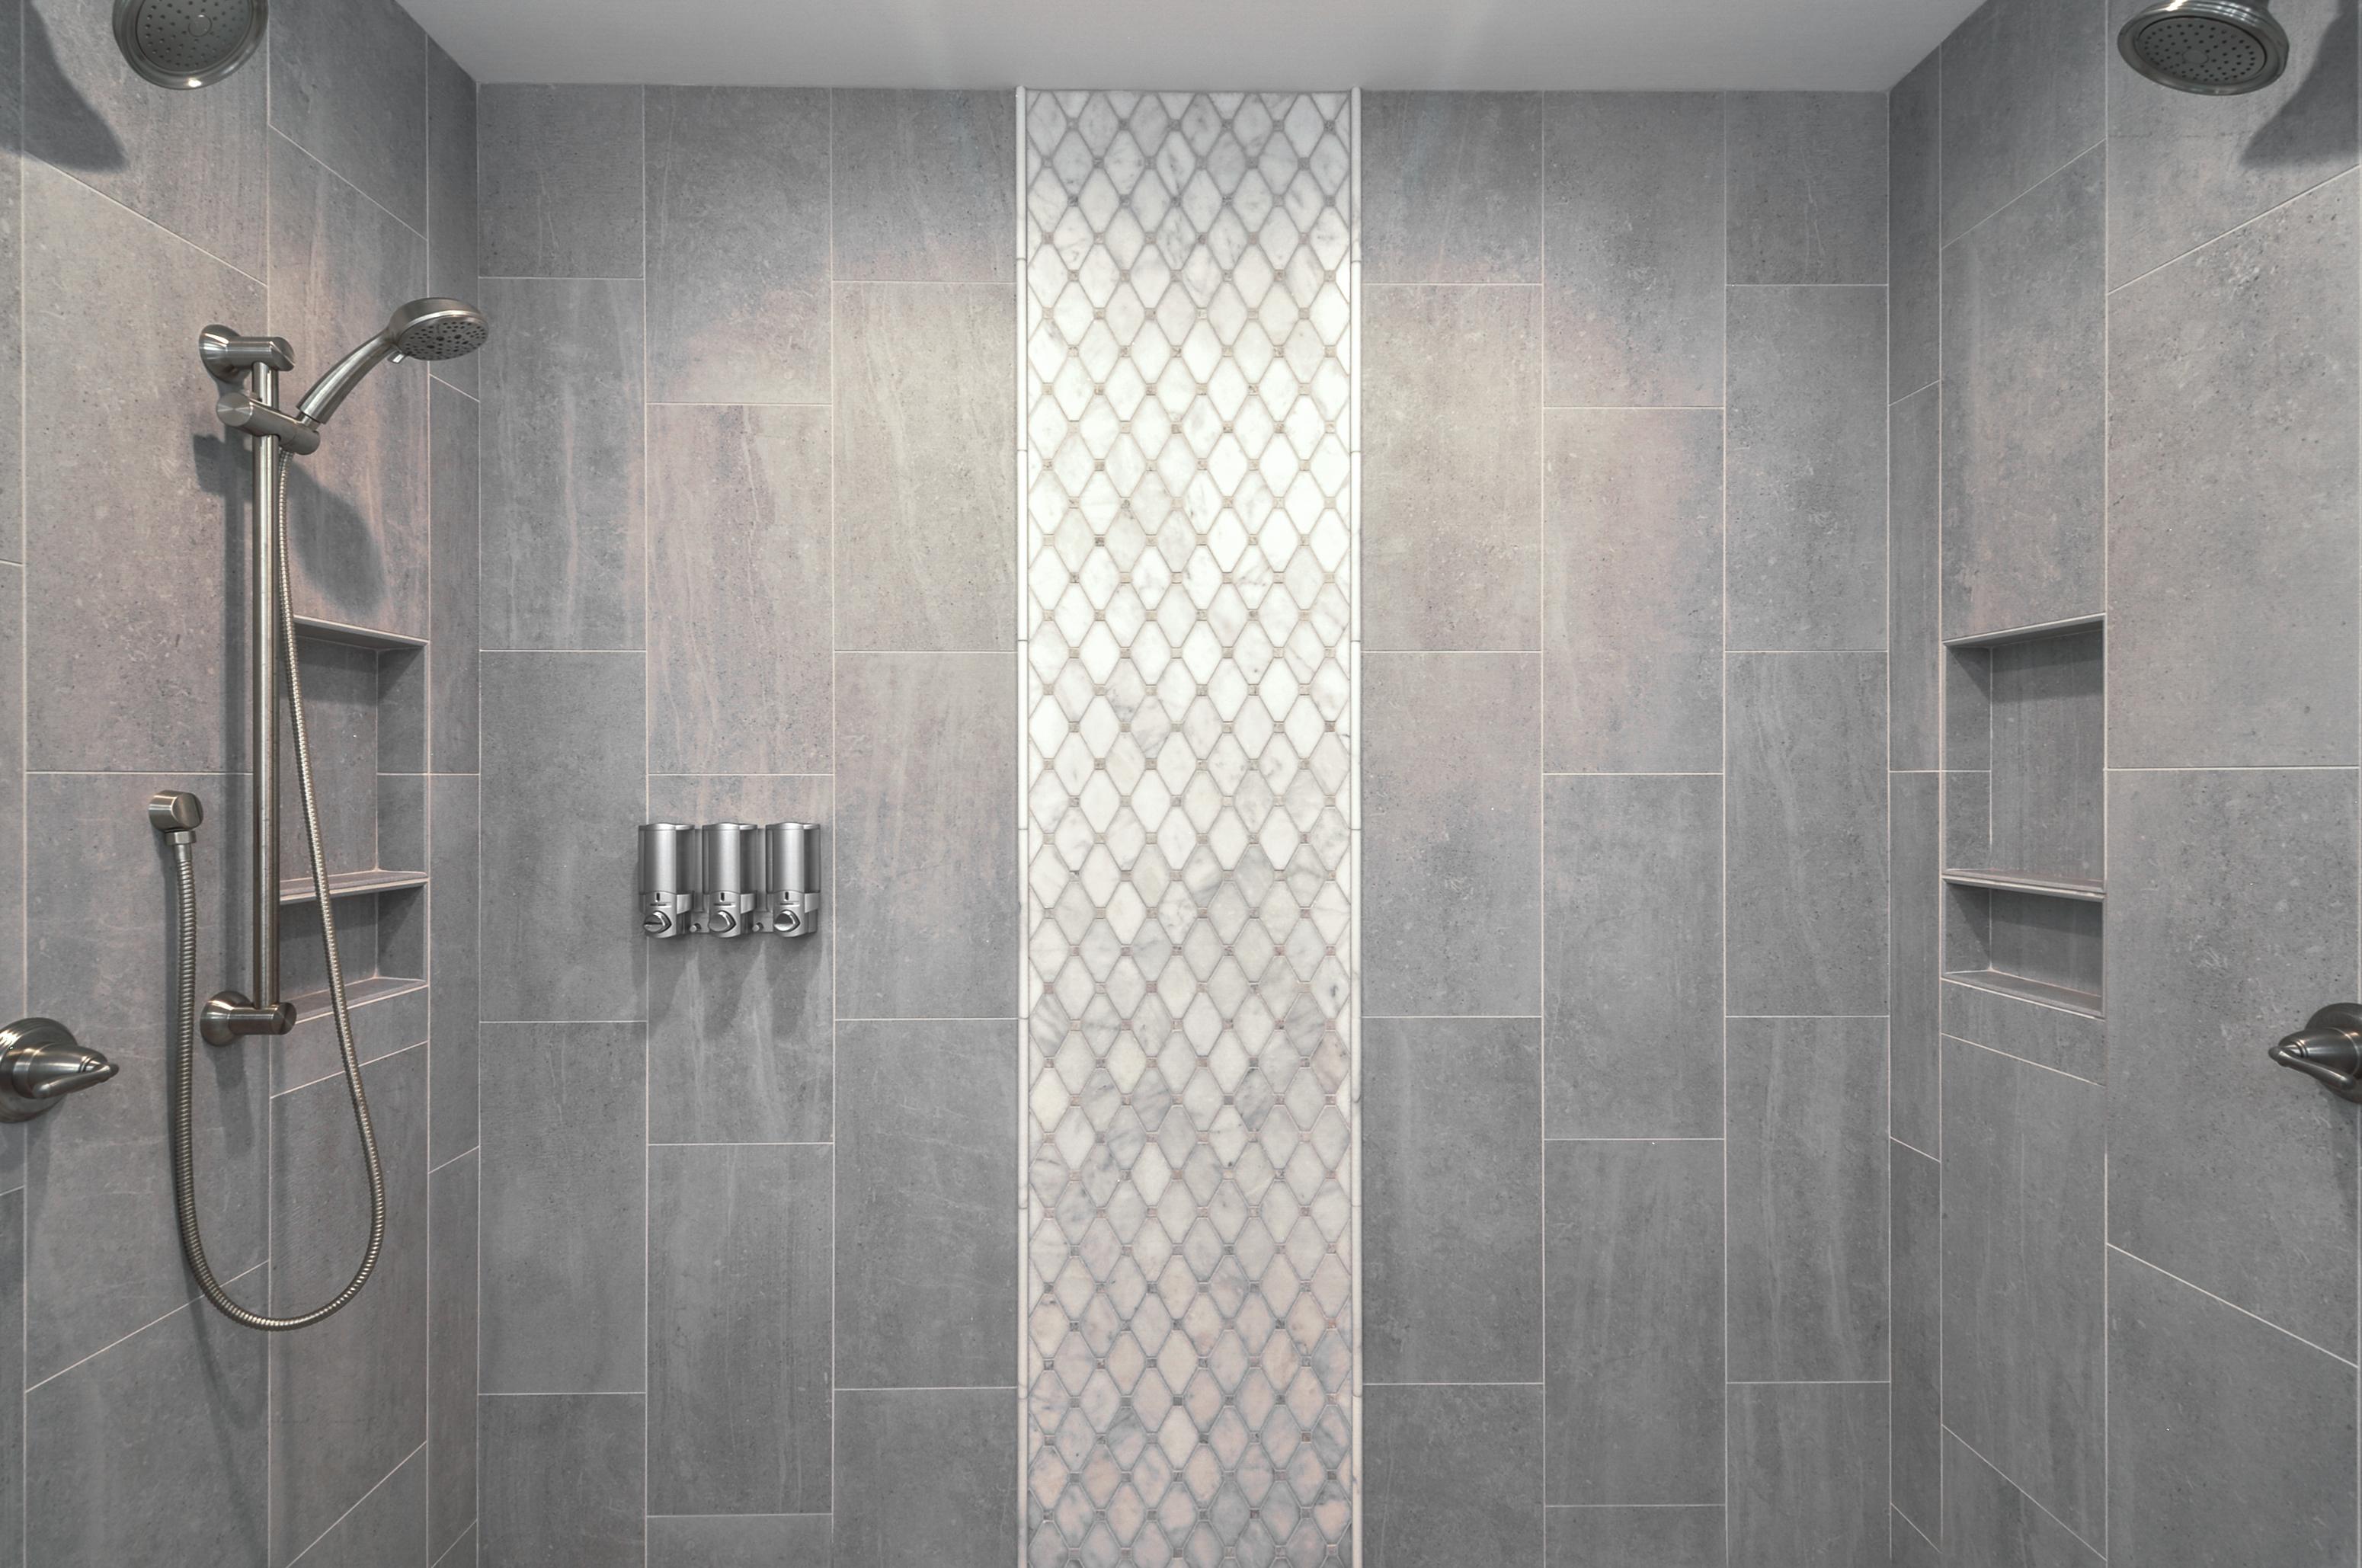 Ward_Master Bathroom (10)